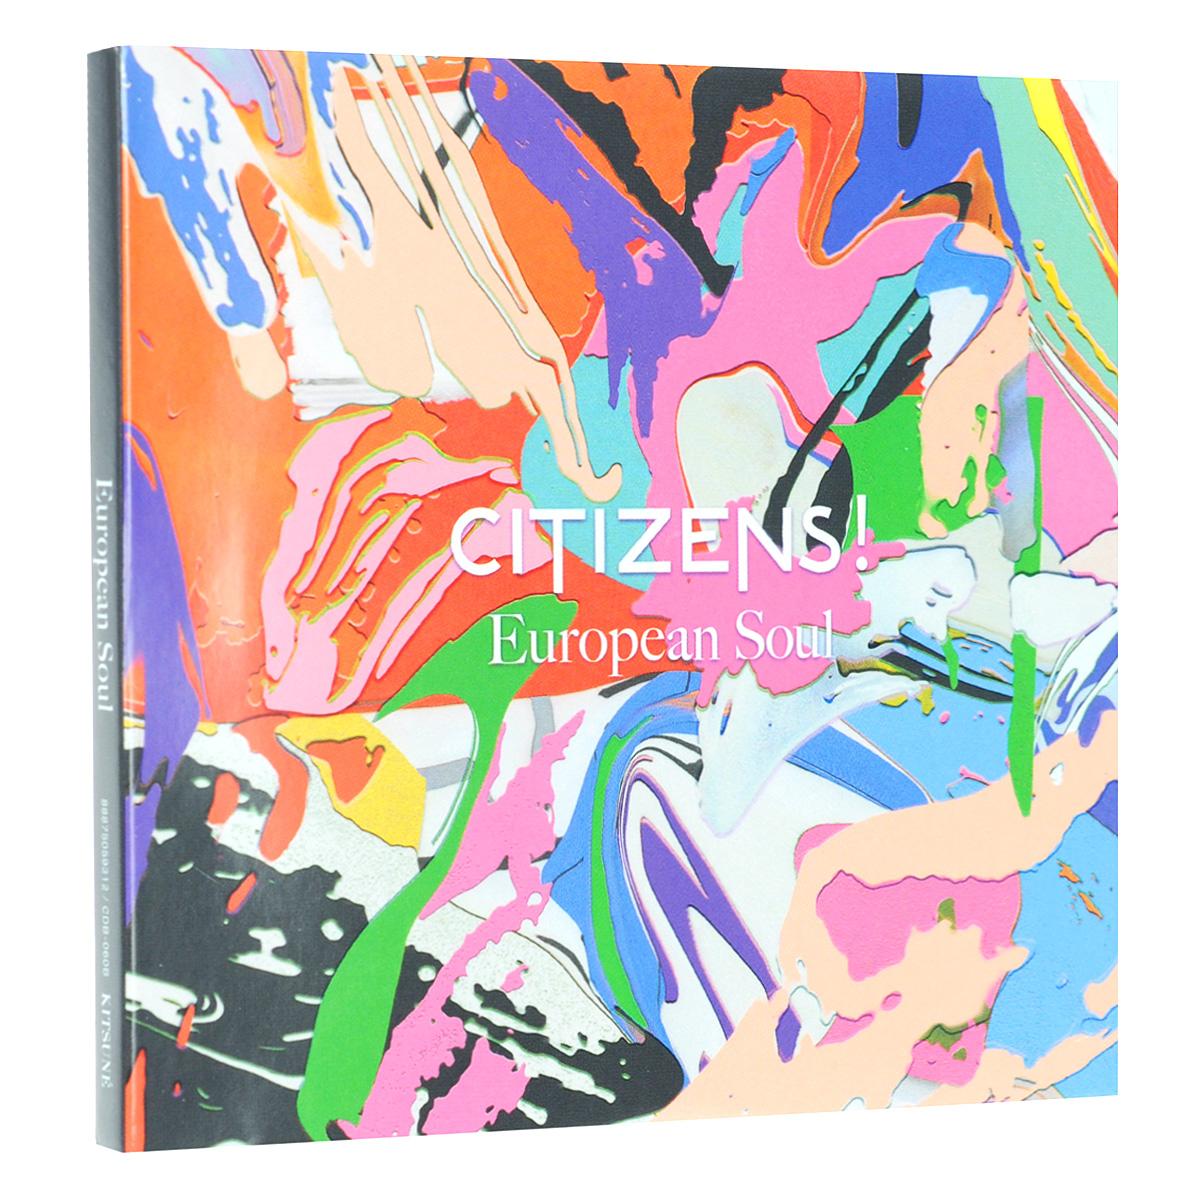 Издание содержит 4-страничный буклет с дополнительной информацией на английском языке.